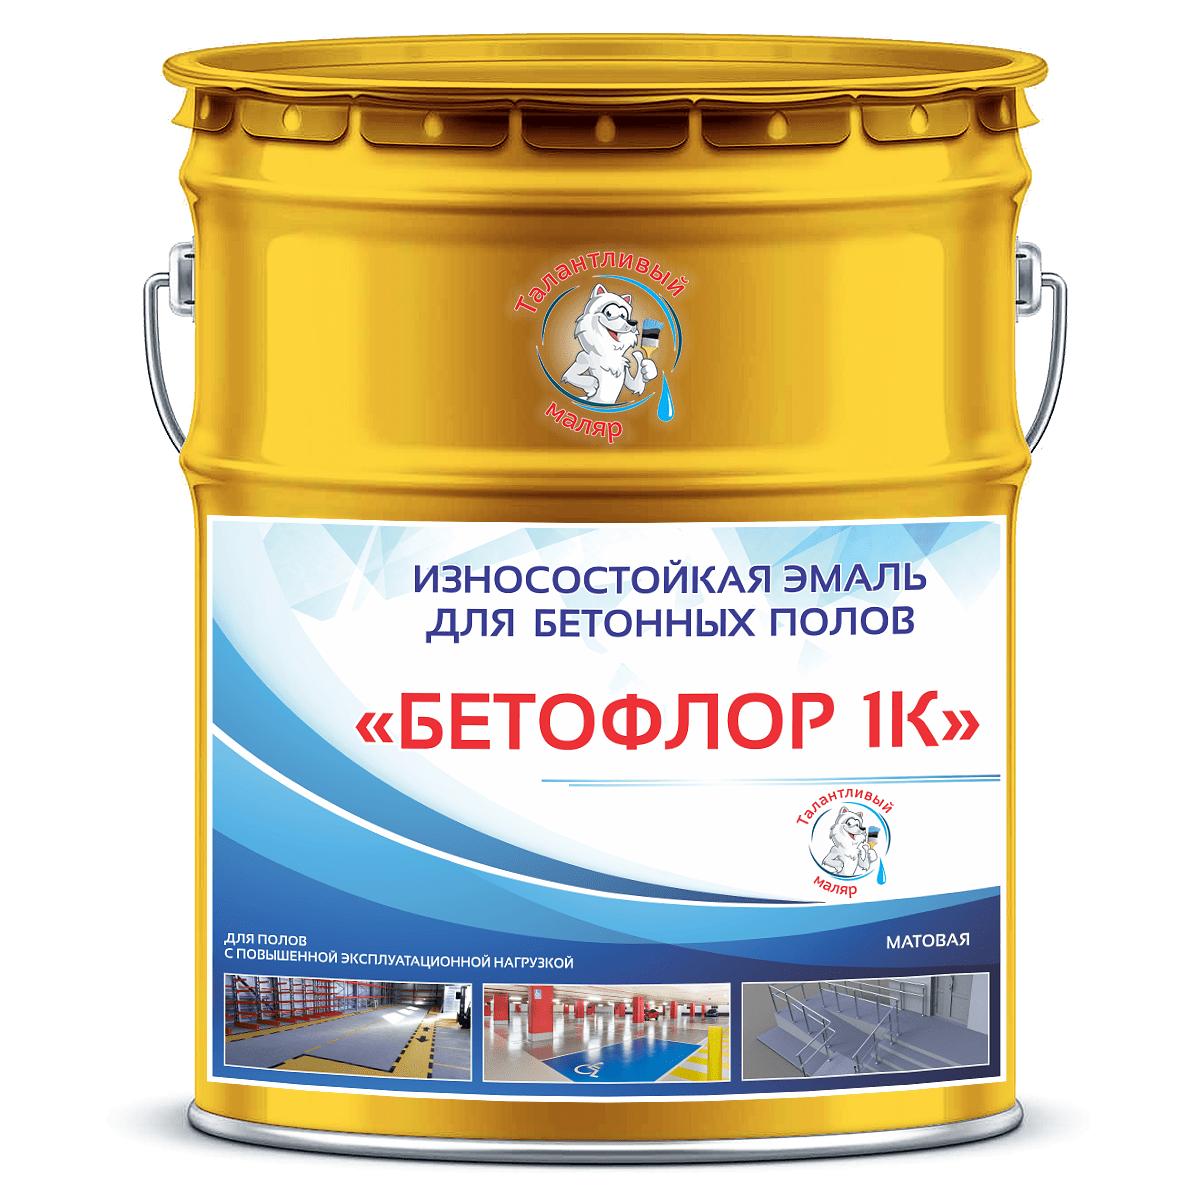 """Фото 3 - BF1033 Эмаль для бетонных полов """"Бетофлор"""" 1К цвет RAL 1033 Георгиново-жёлтый, матовая износостойкая, 25 кг """"Талантливый Маляр""""."""